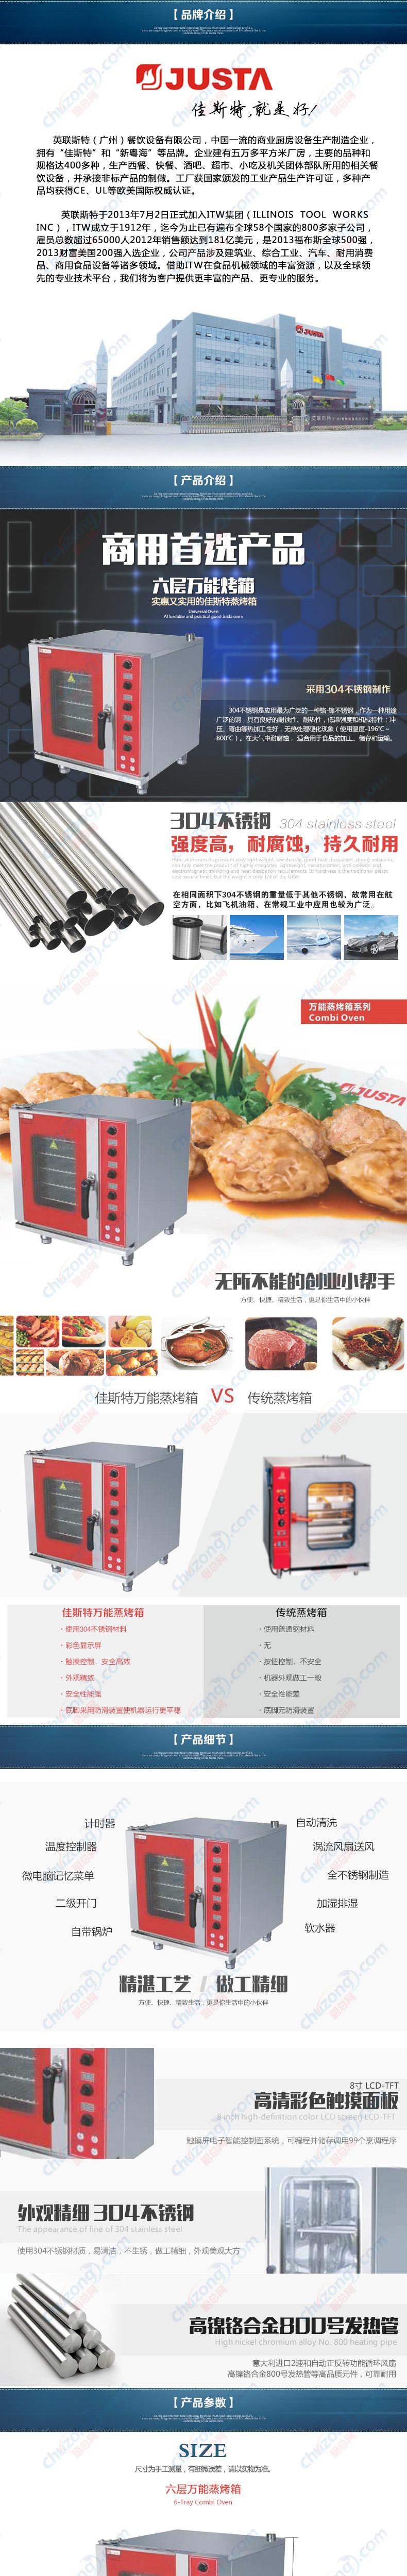 佳斯特機械版電五層萬能蒸烤箱YXD-05-23